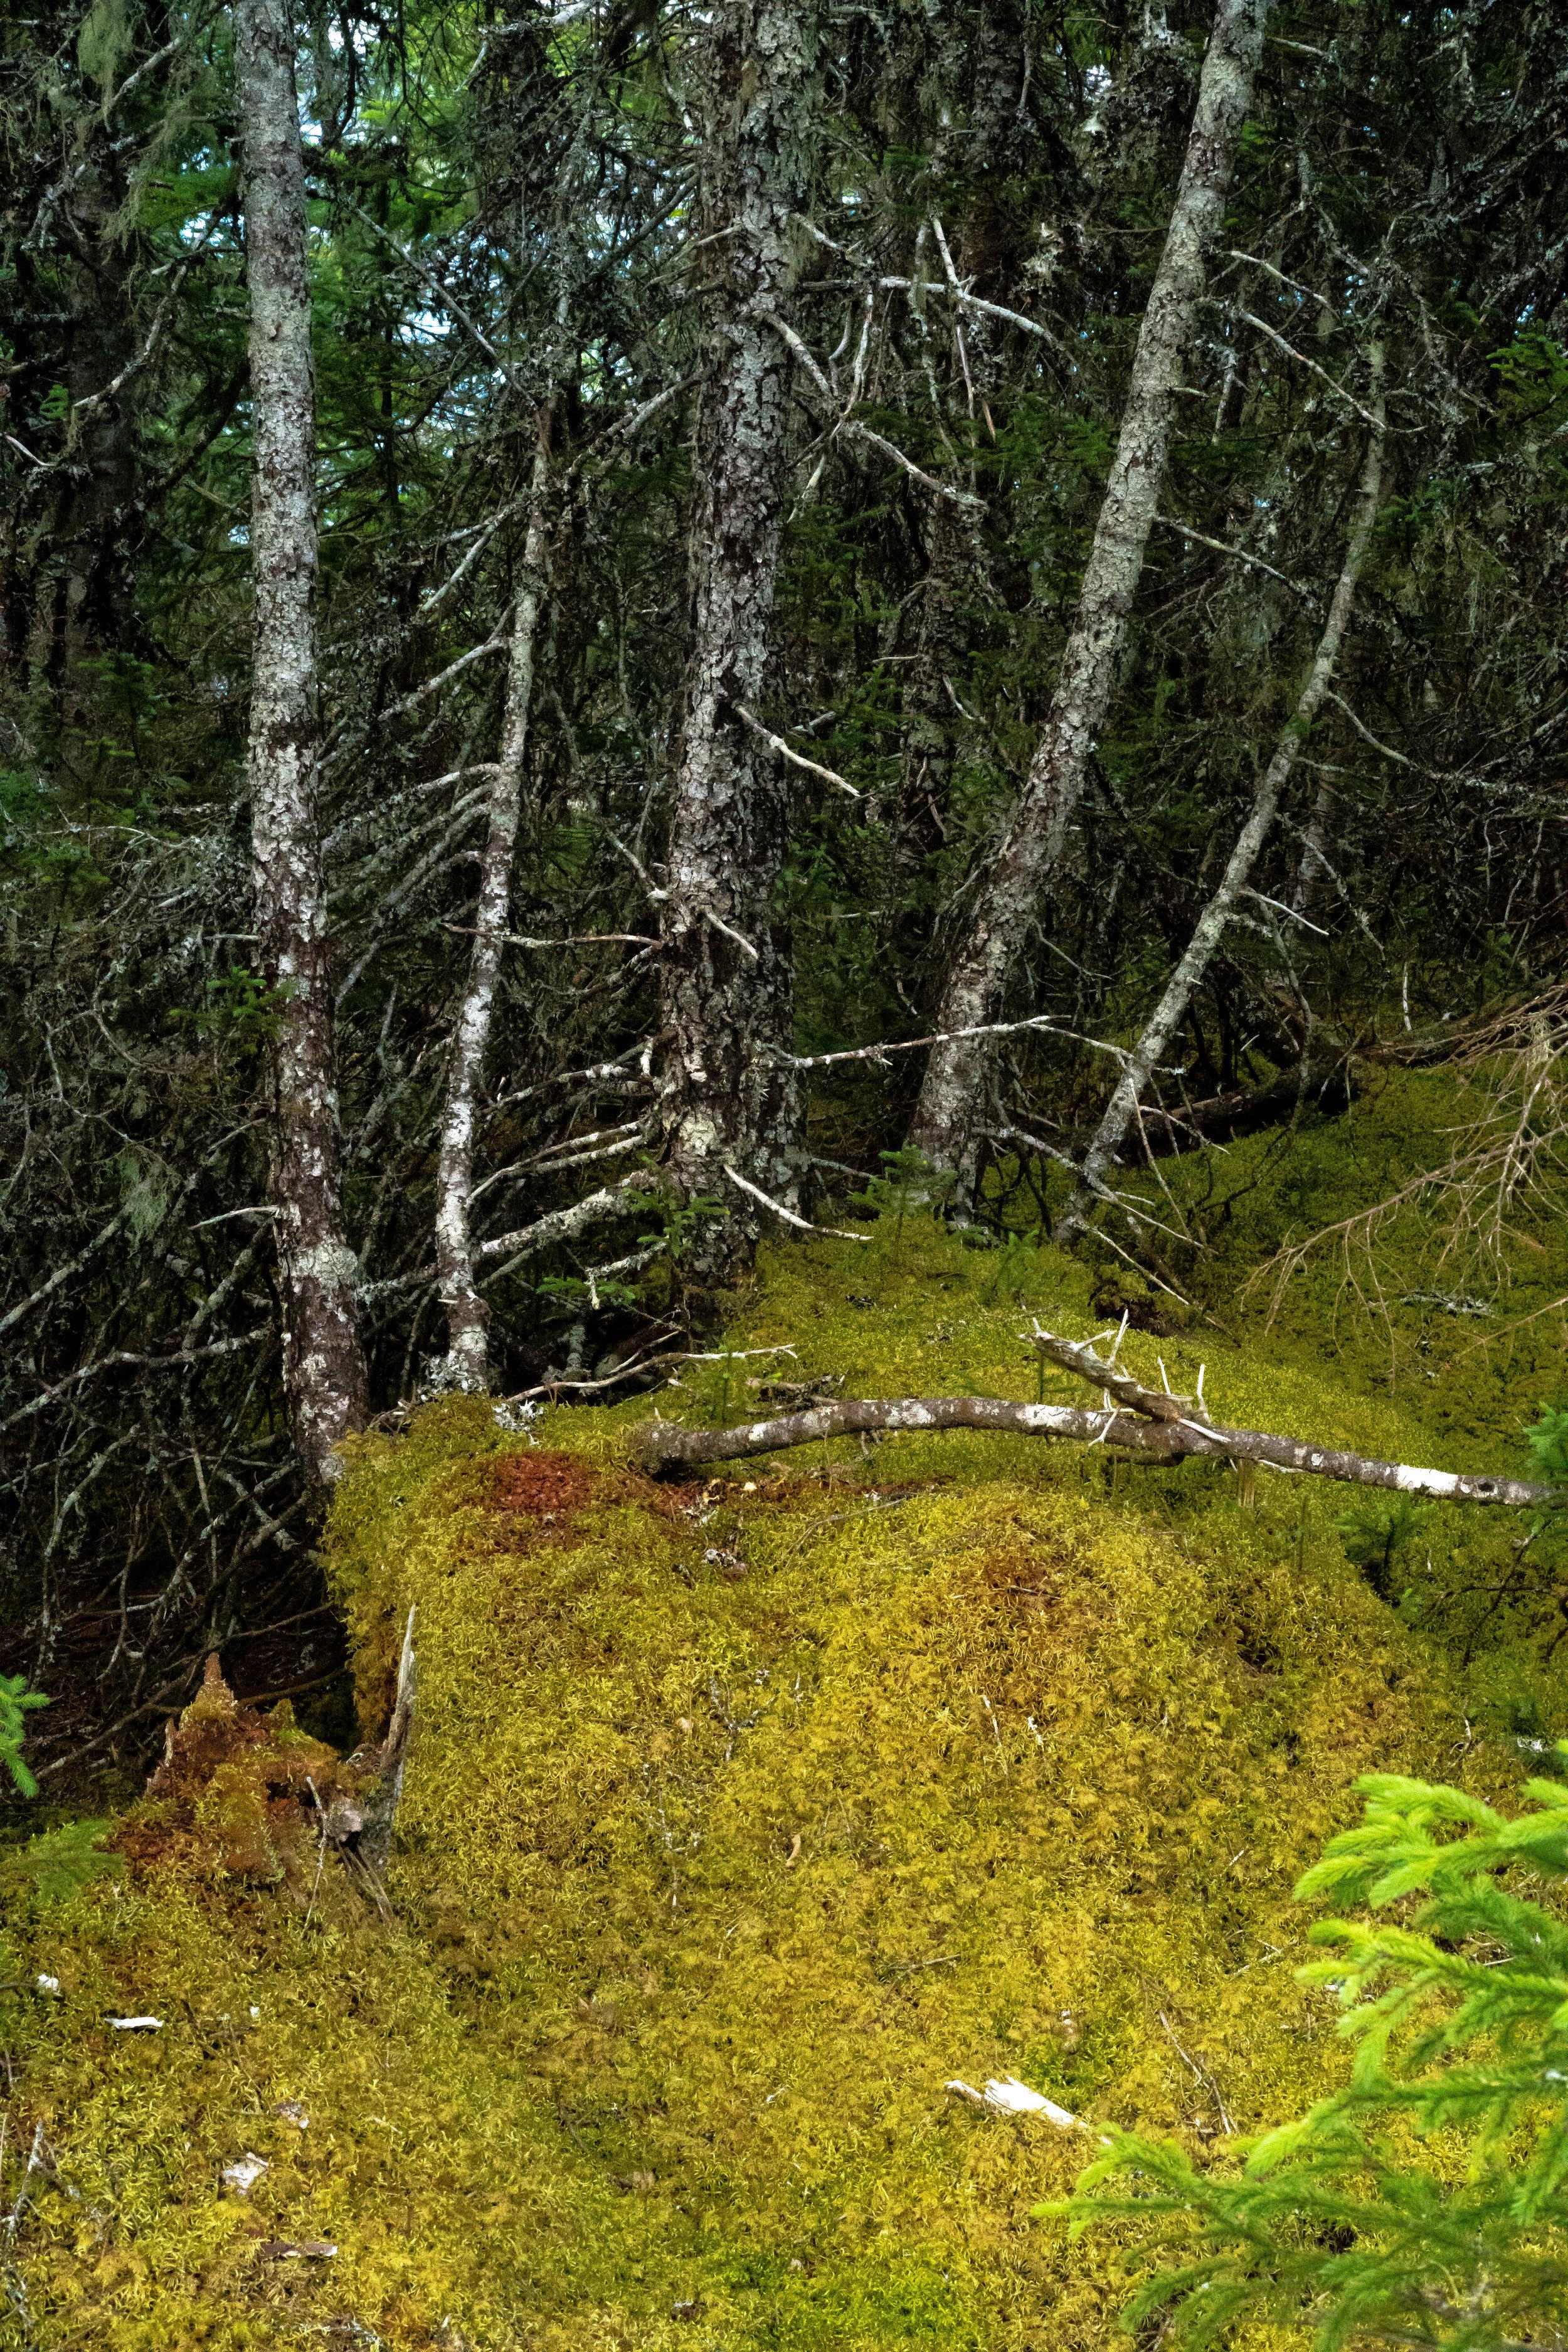 Dildo Run Provincial Park